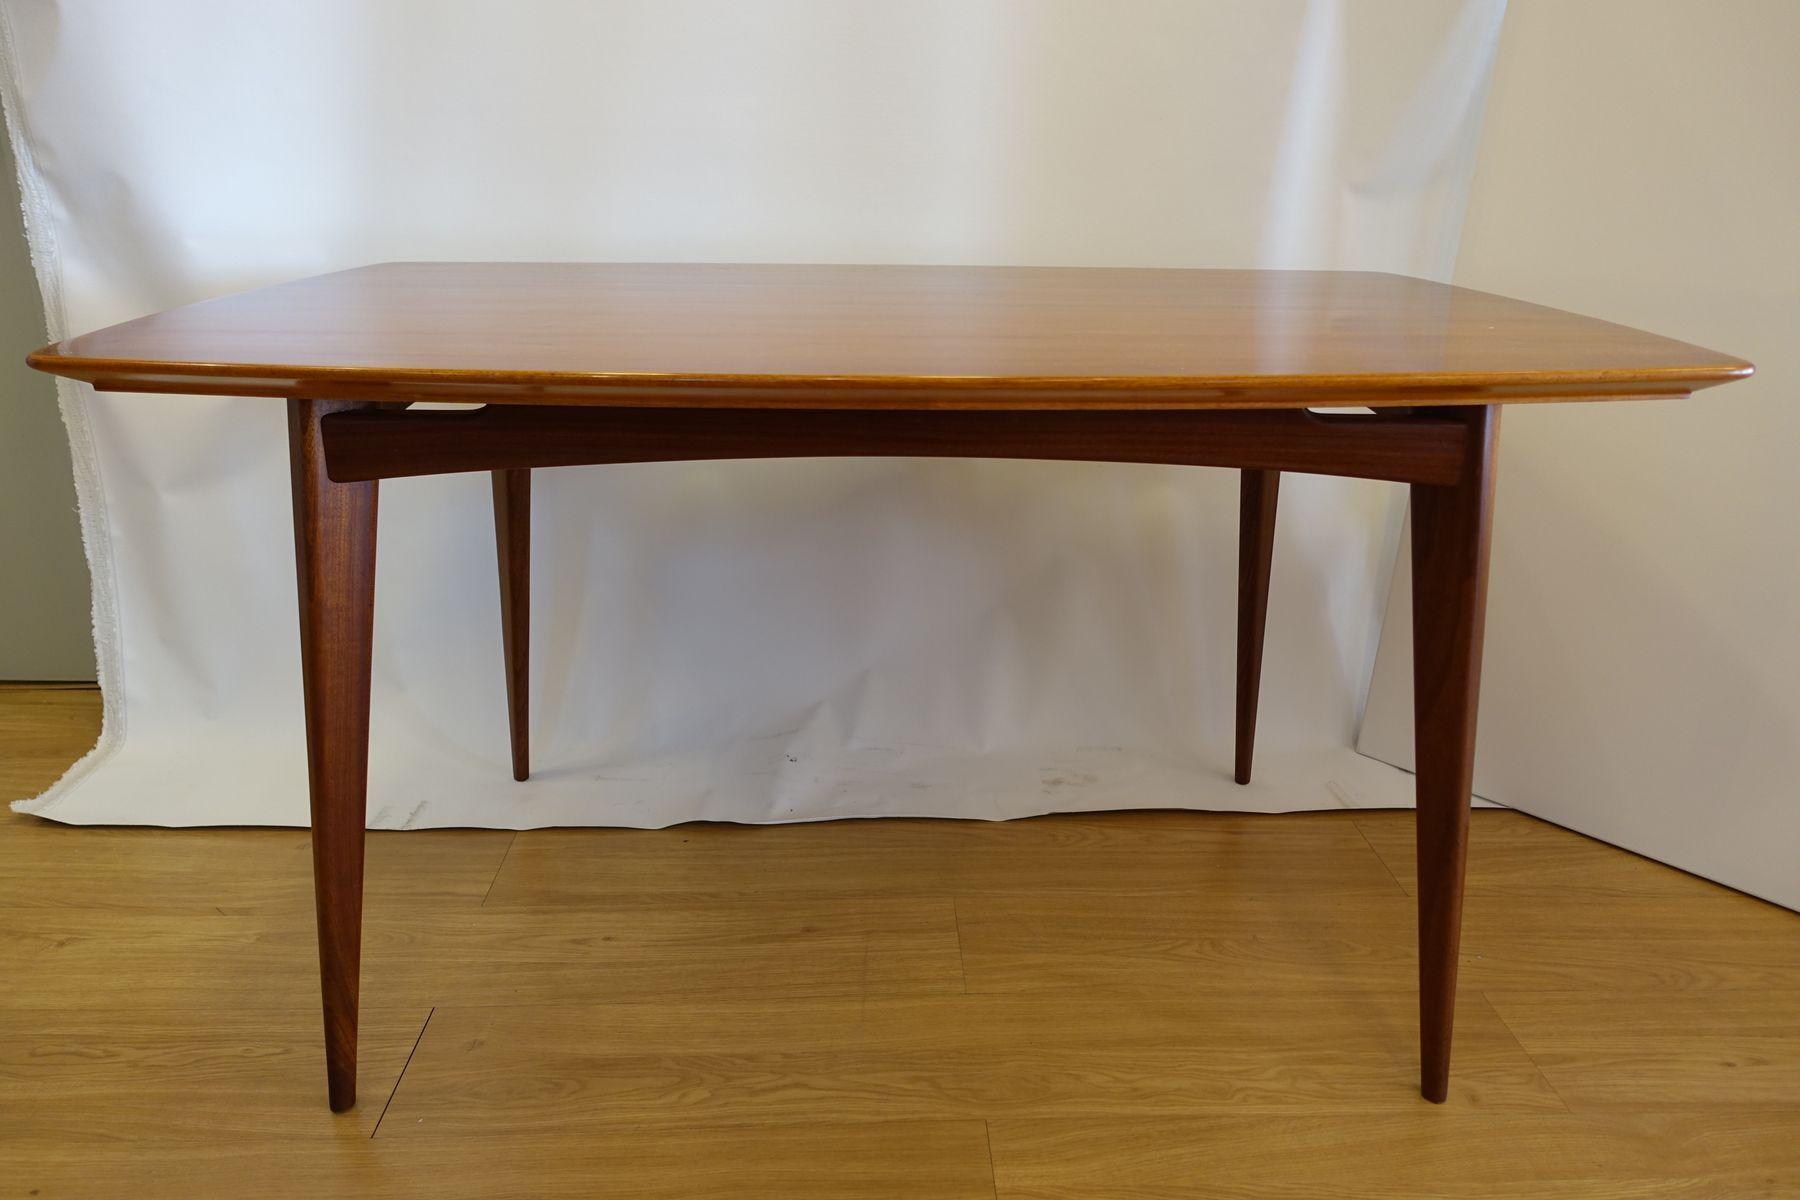 Esstisch nussbaum glas  tisch mit stühlen kindermöbel | massivholz esstisch ausziehbar ...